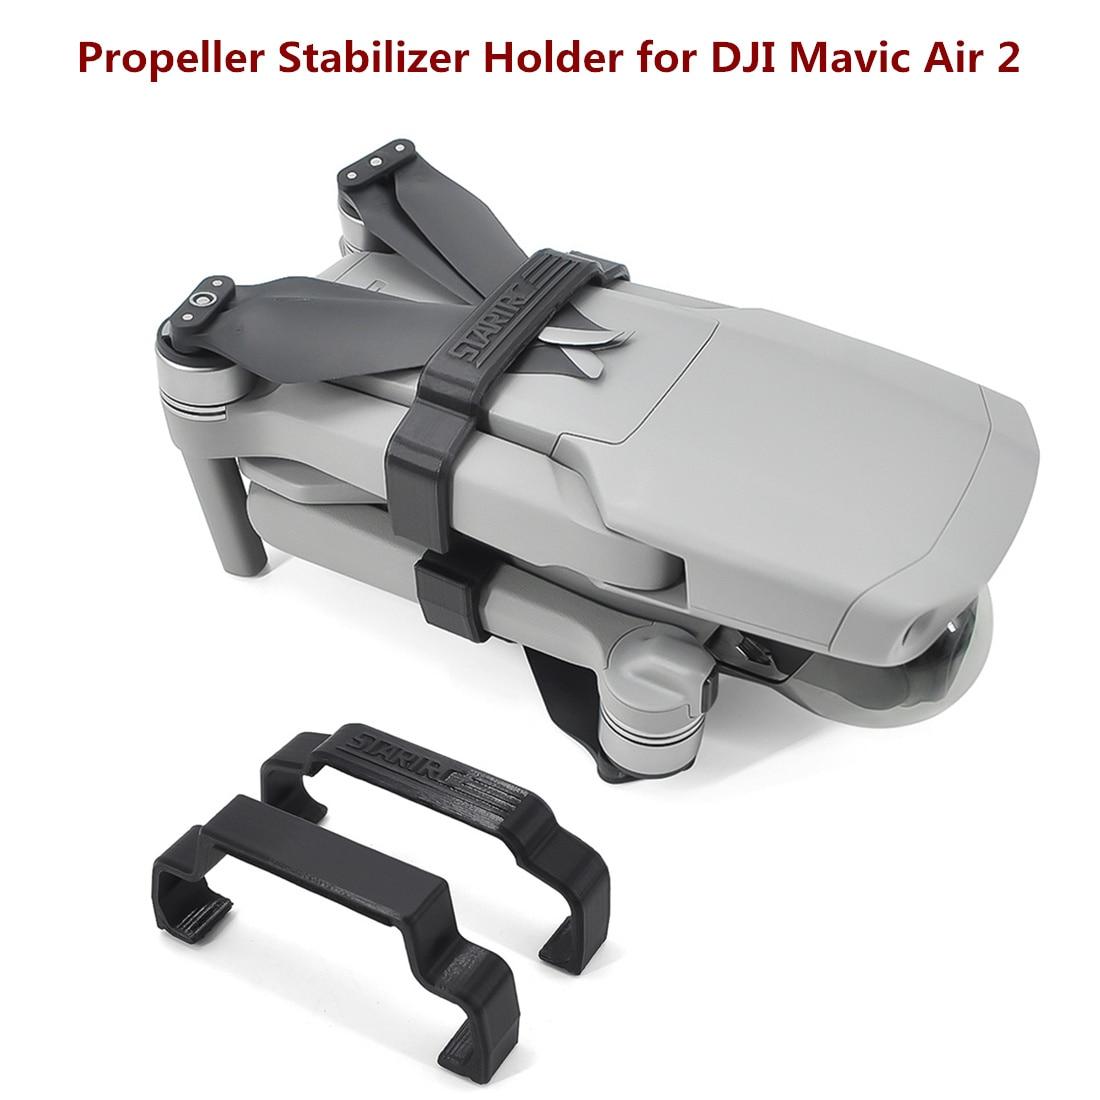 Mavic Air 2 Blade Paddle estabilizador propulsor fijo soporte para DJI Mavic Air 2 Drone adaptador de protección accesorios de repuesto